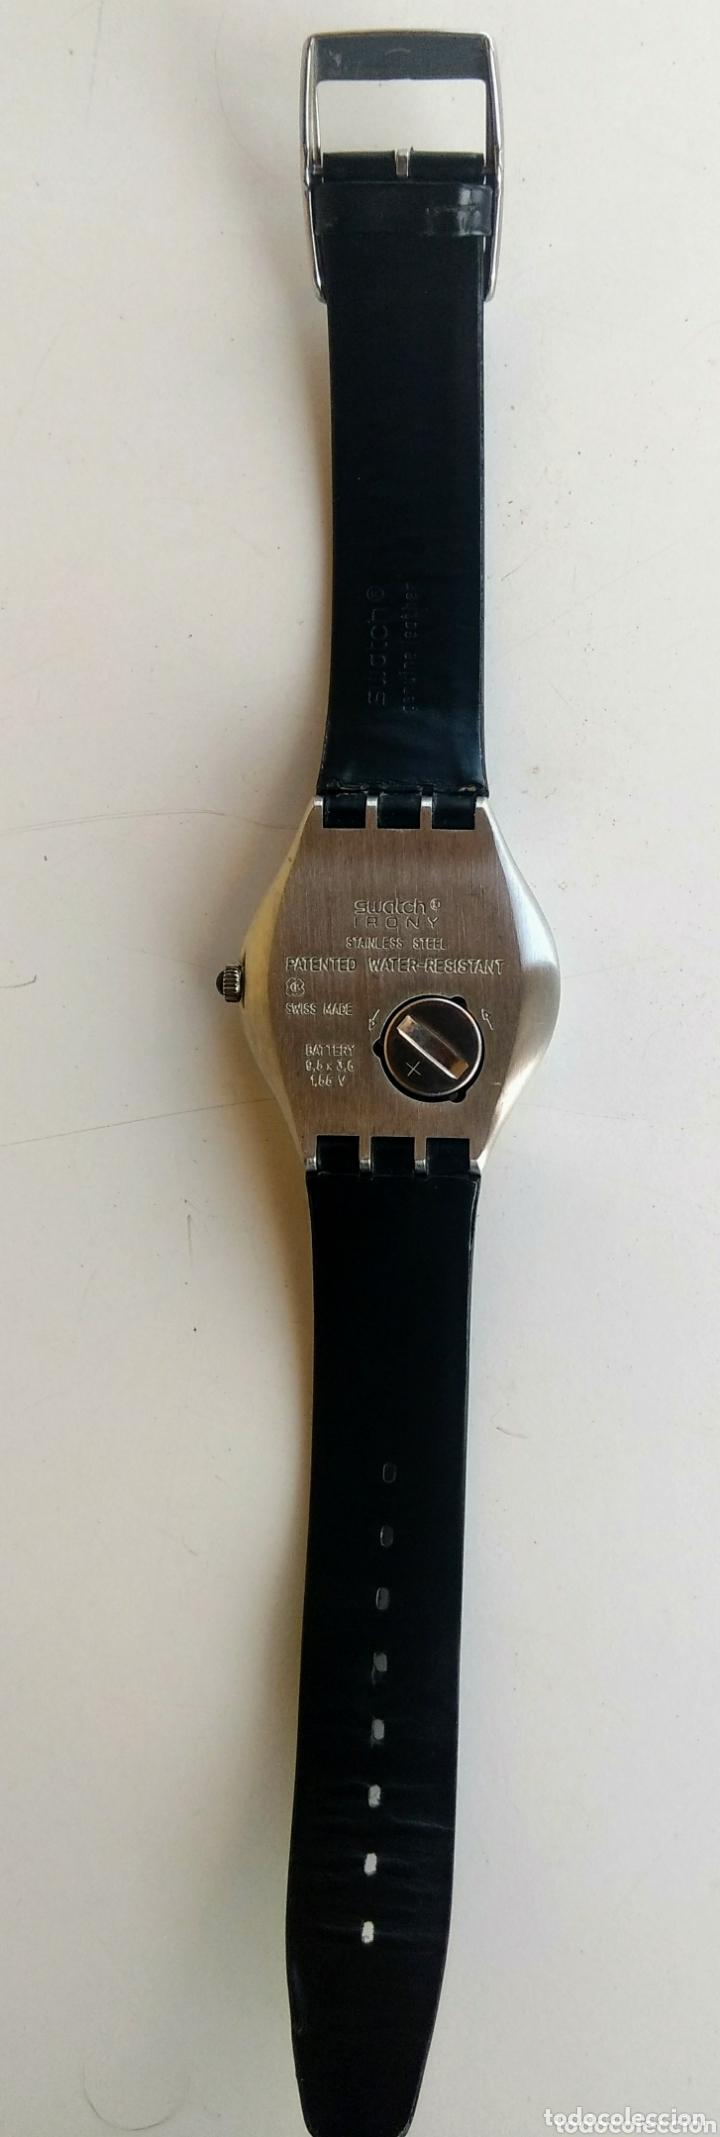 Relojes - Swatch: Reloj Swatch Irony Ag 1998. - Foto 4 - 172730122